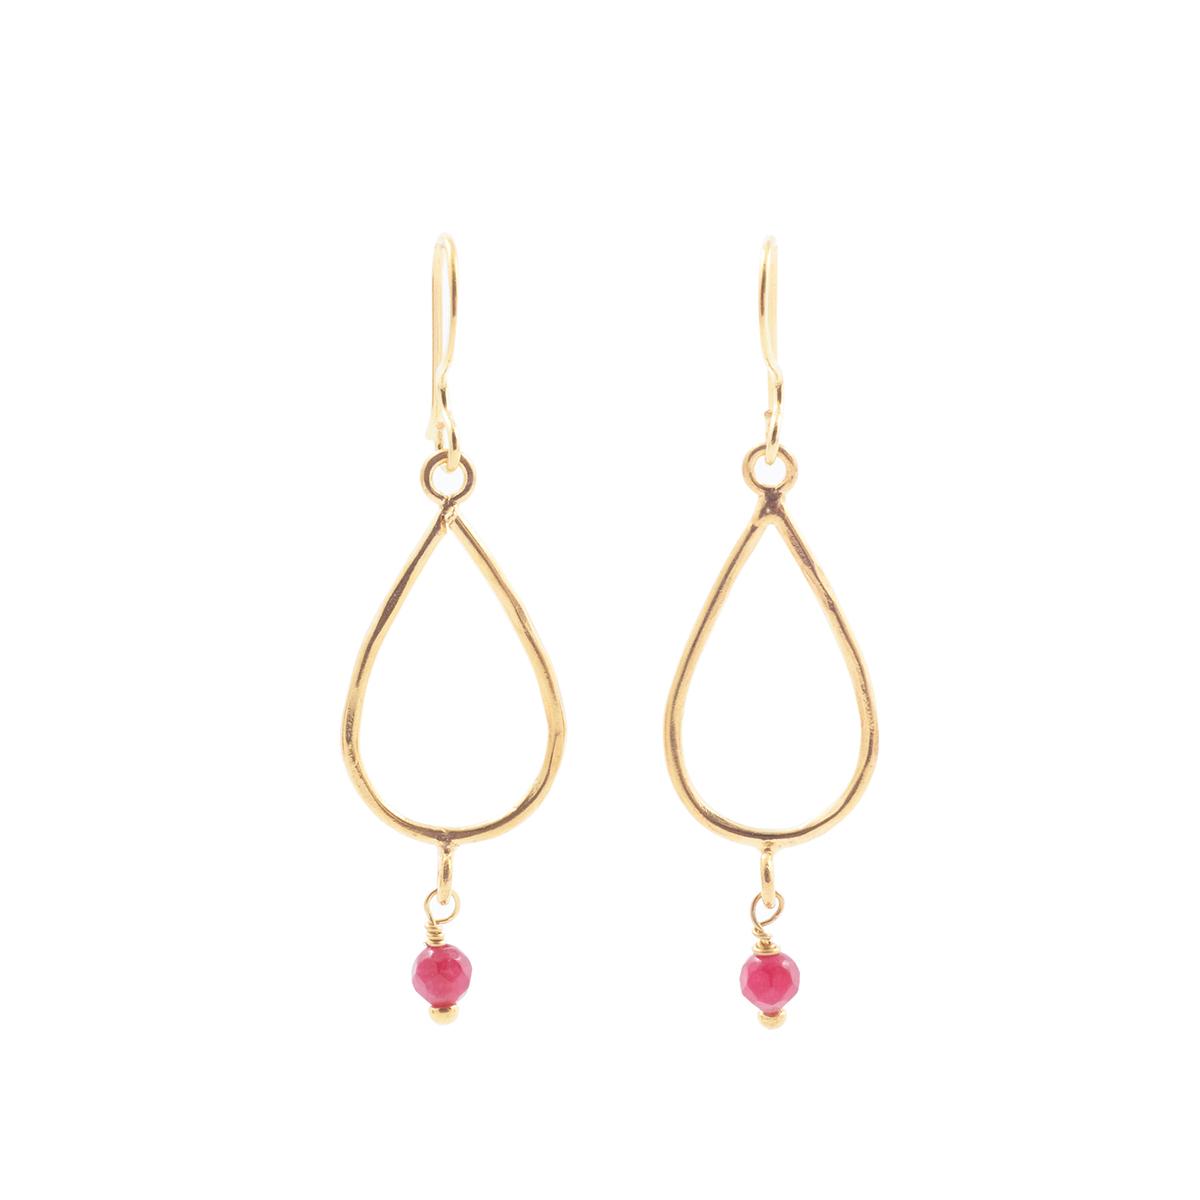 Red agate teardrop earrings by Mirabelle